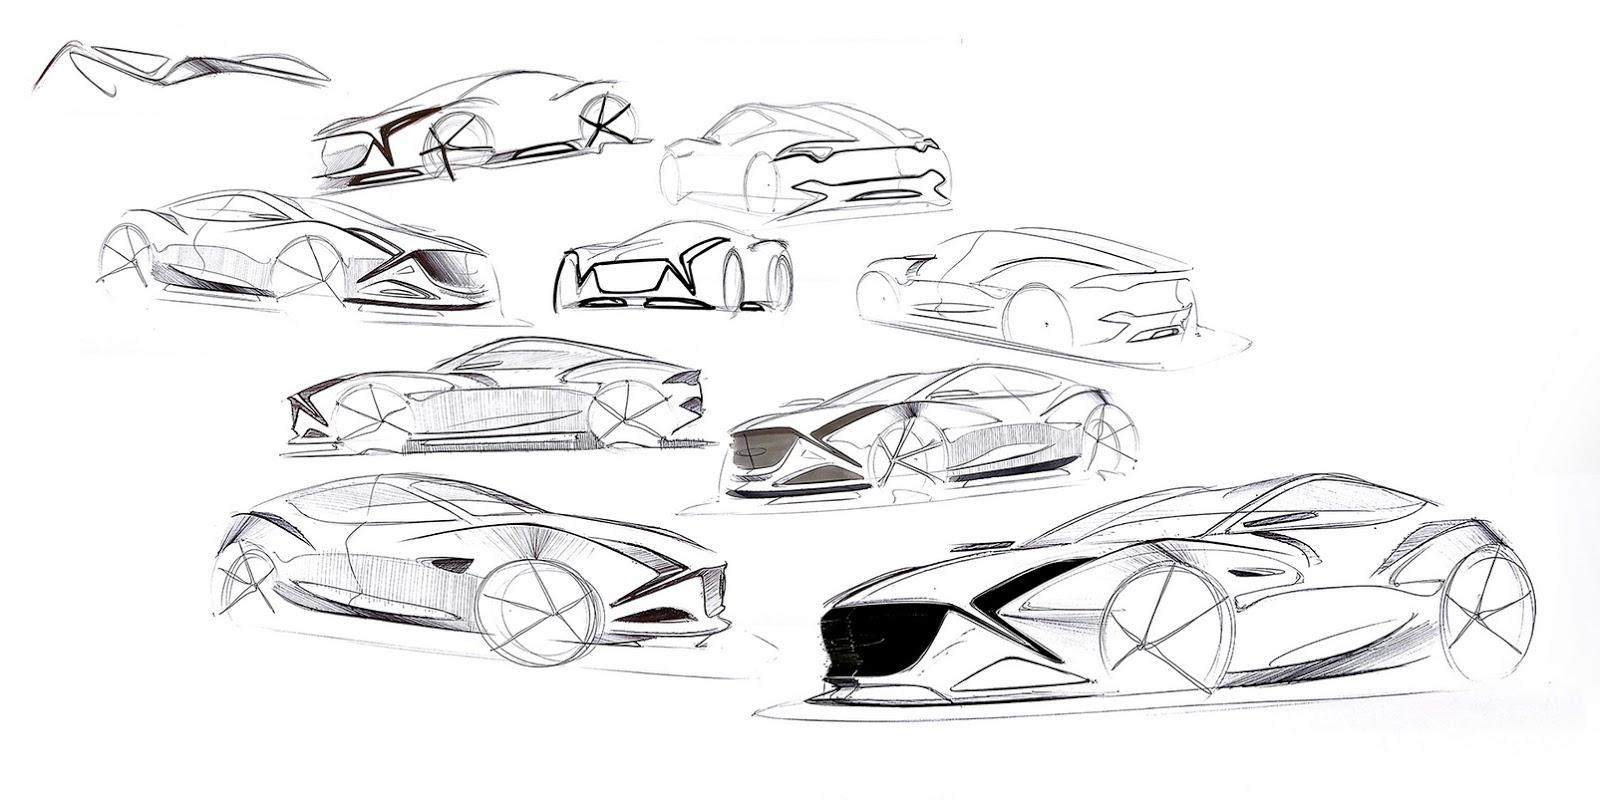 Jaguar F Type Project Looks Like One Mean Kitten